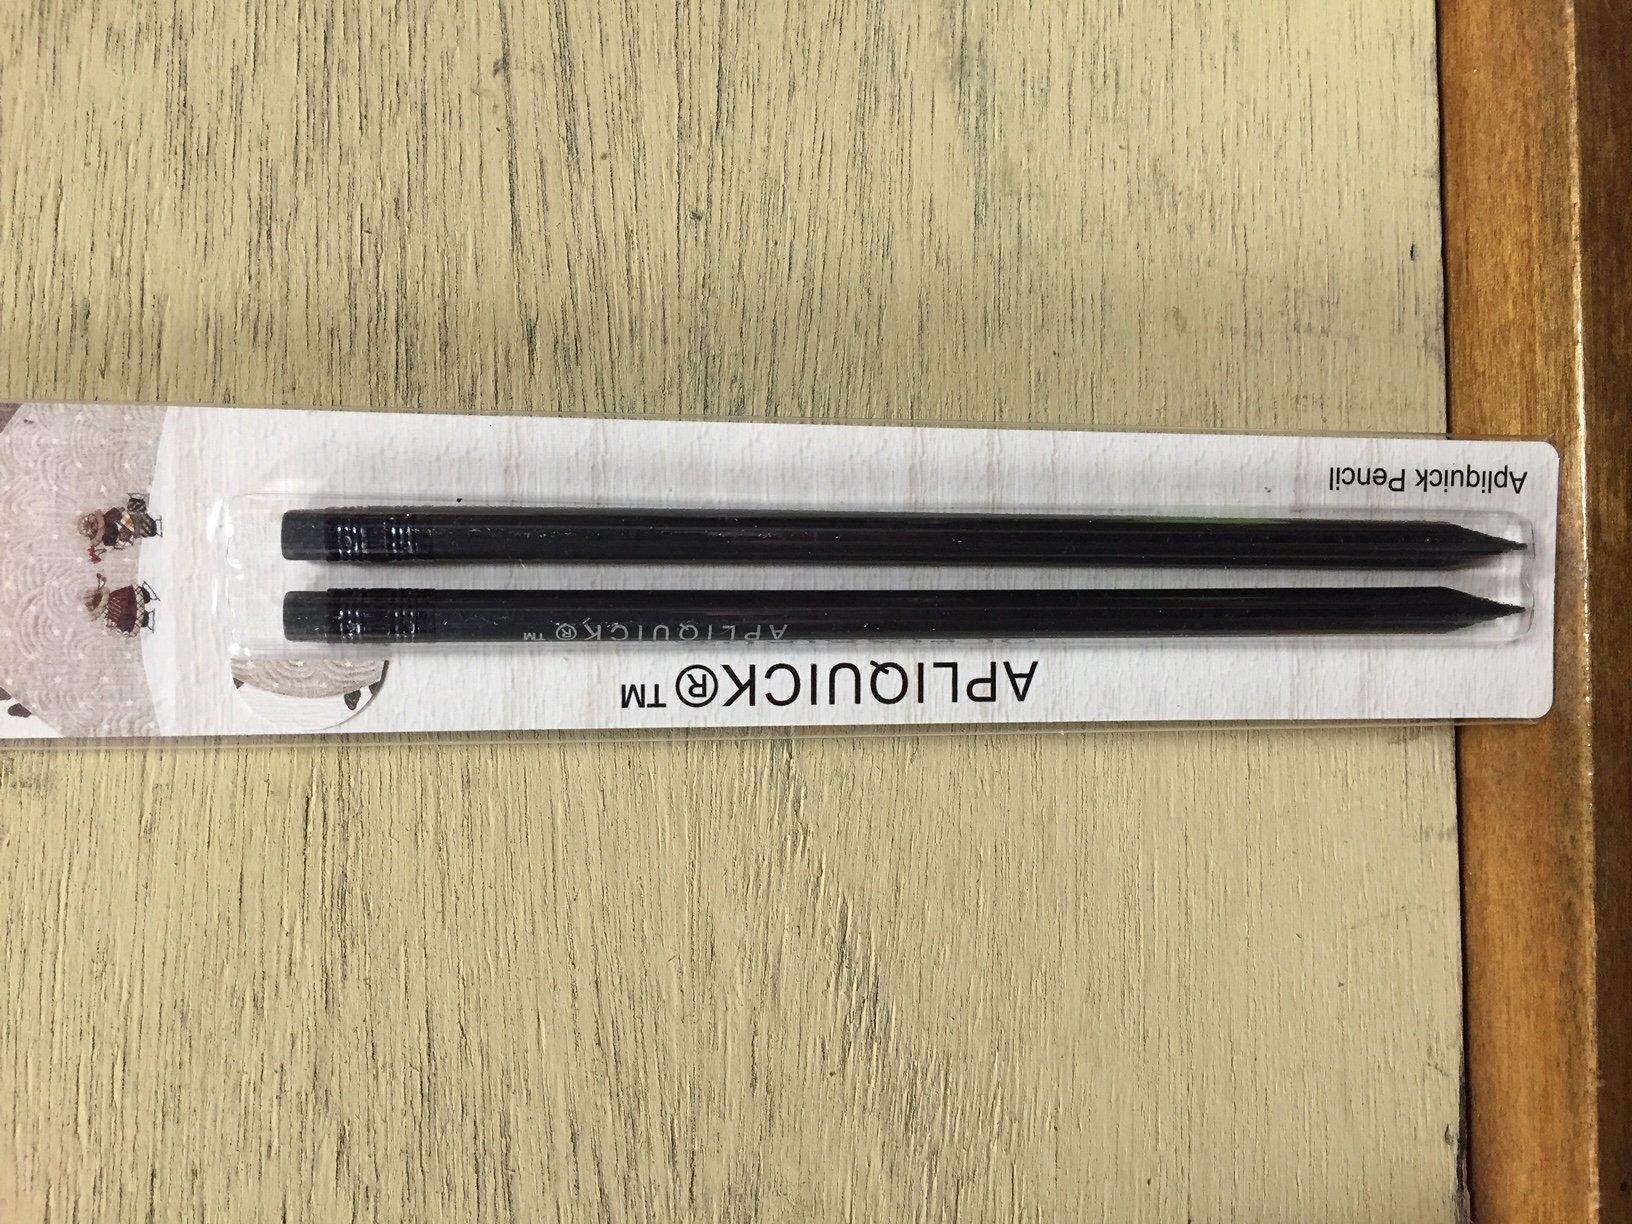 Apliquick Pencil